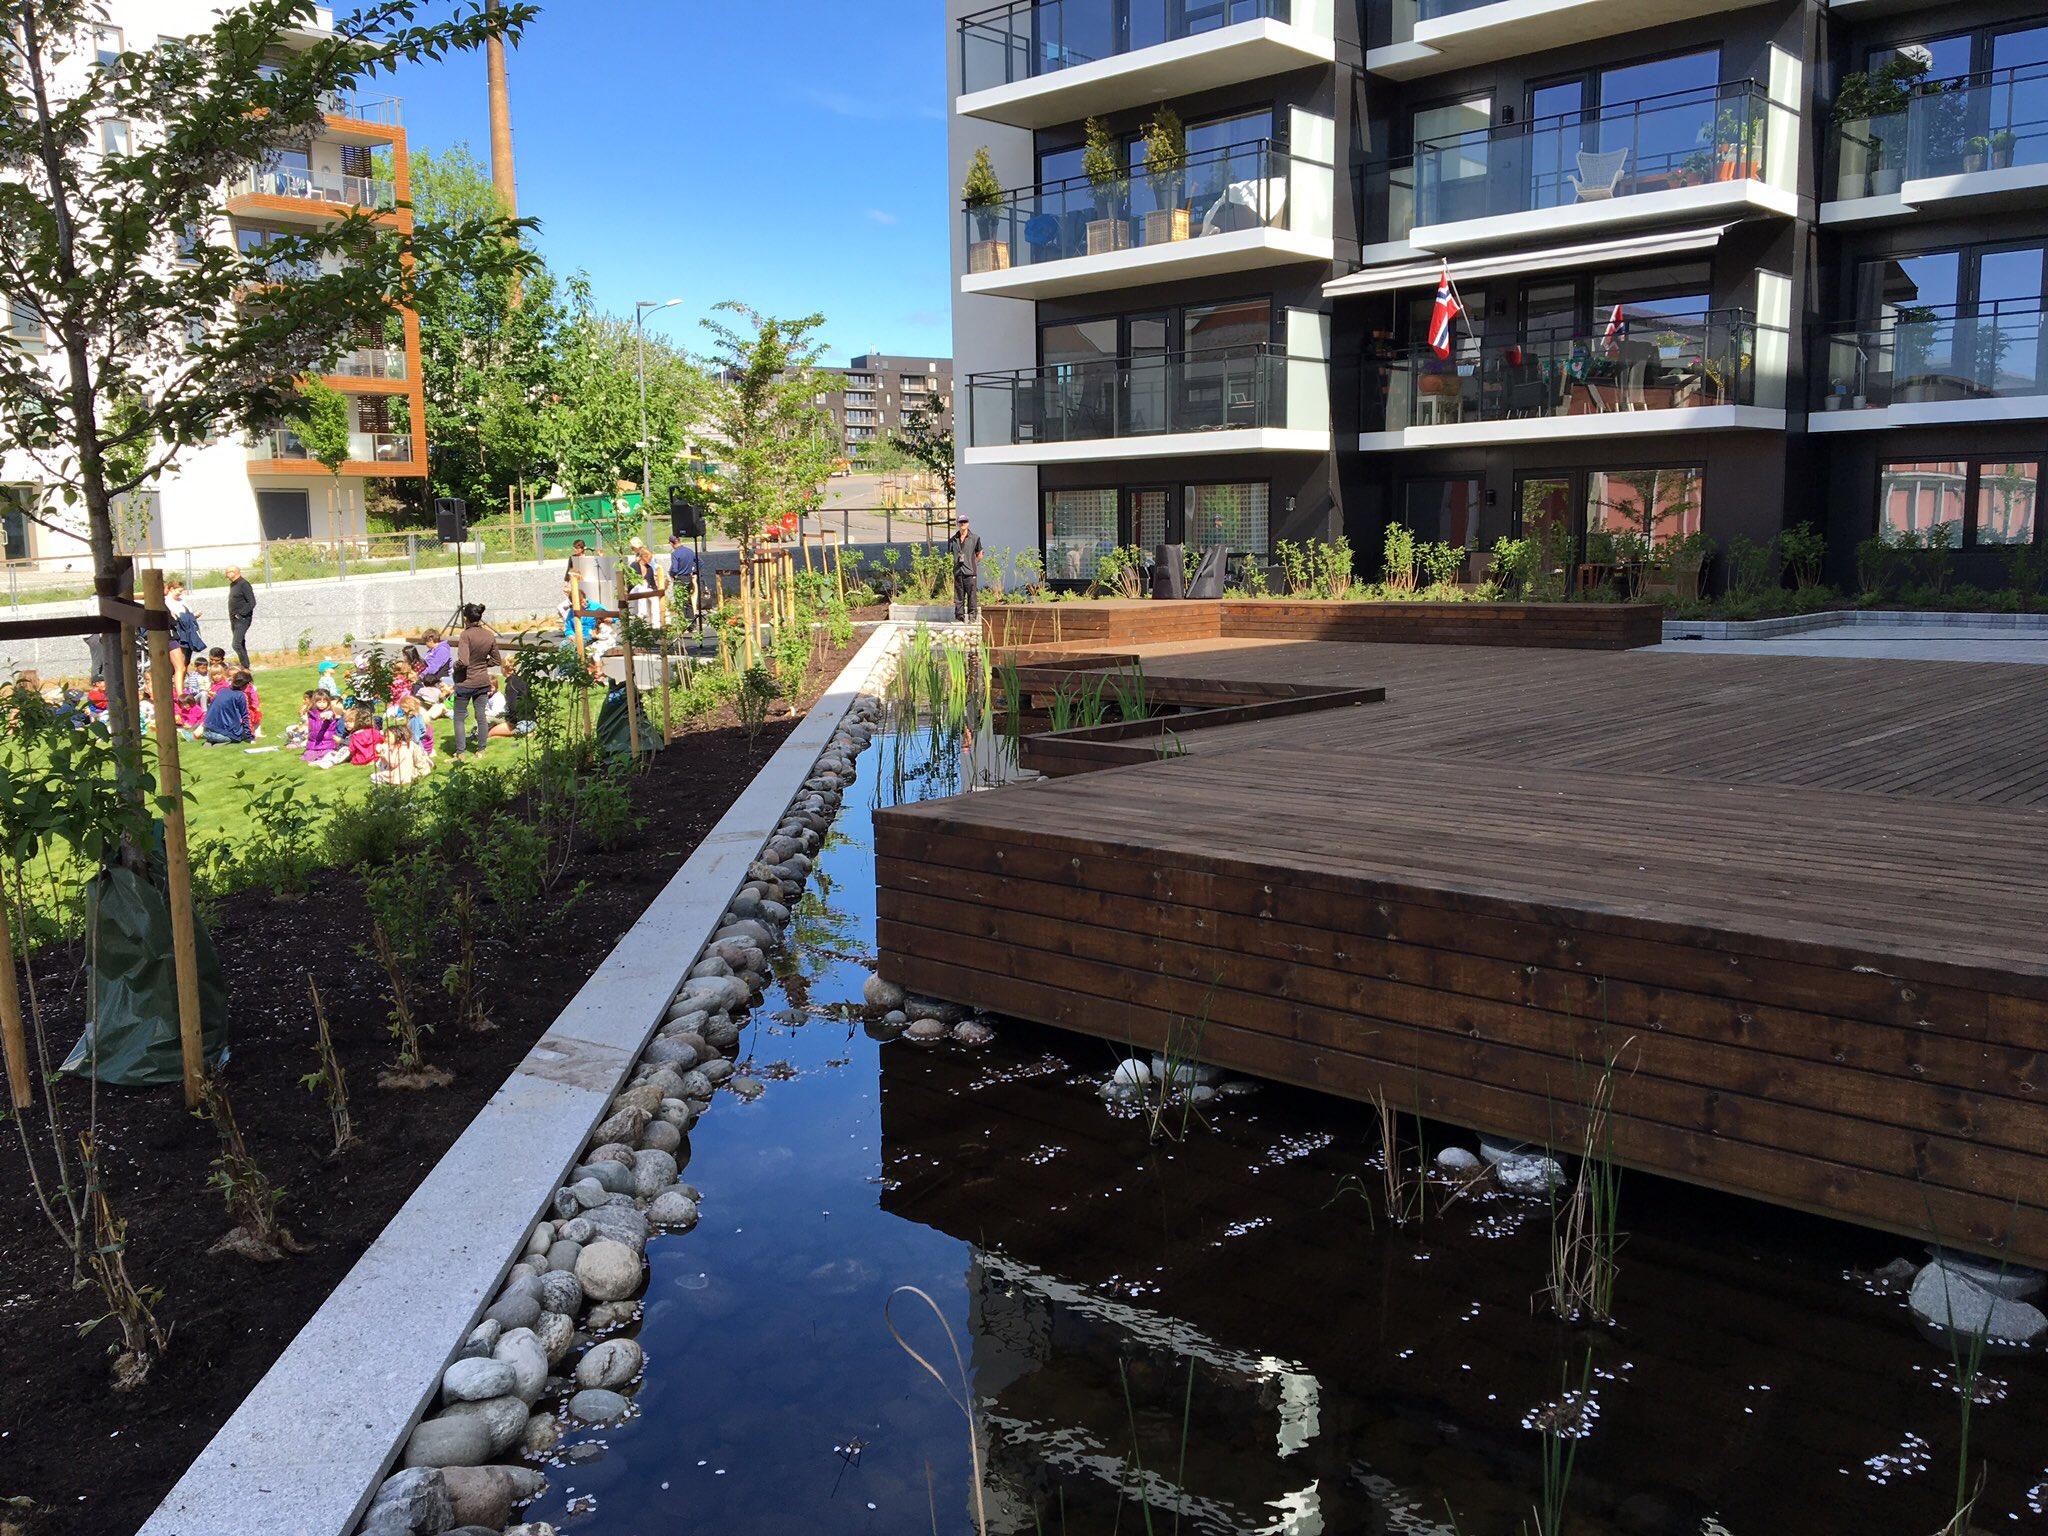 #spottheSCM new residential area Oslo Norway @realscientists https://t.co/JlbU4nVHIw